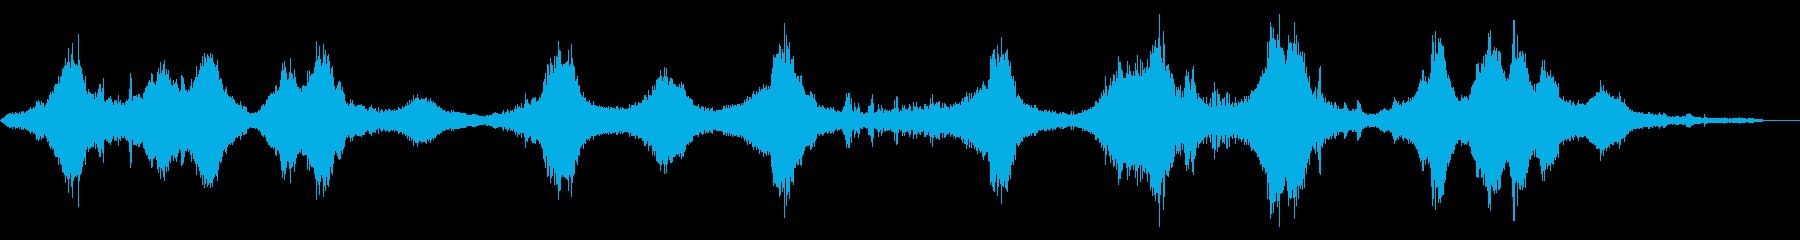 街中で車、トラックの通過音、自転車の音の再生済みの波形